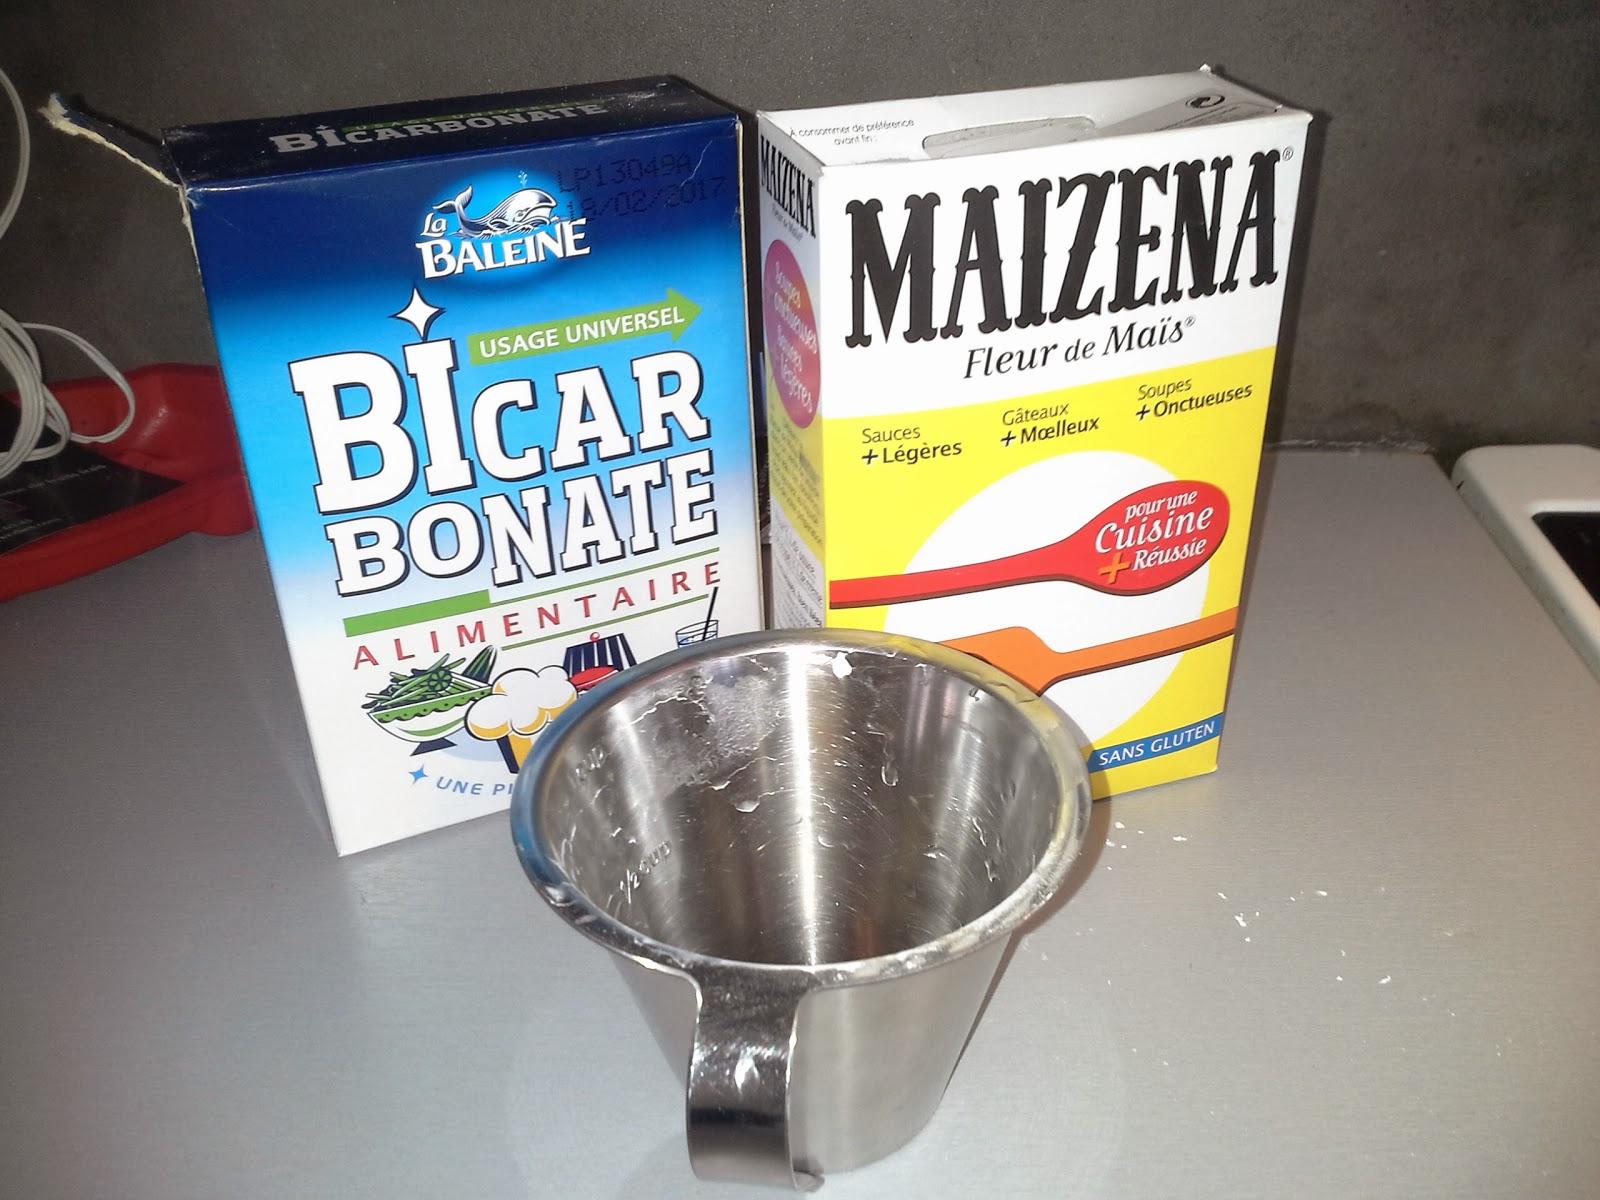 Toiles en p te blanche recette p te blanche diy y 39 a maman la maison - Que faire avec de la pate a sel ...